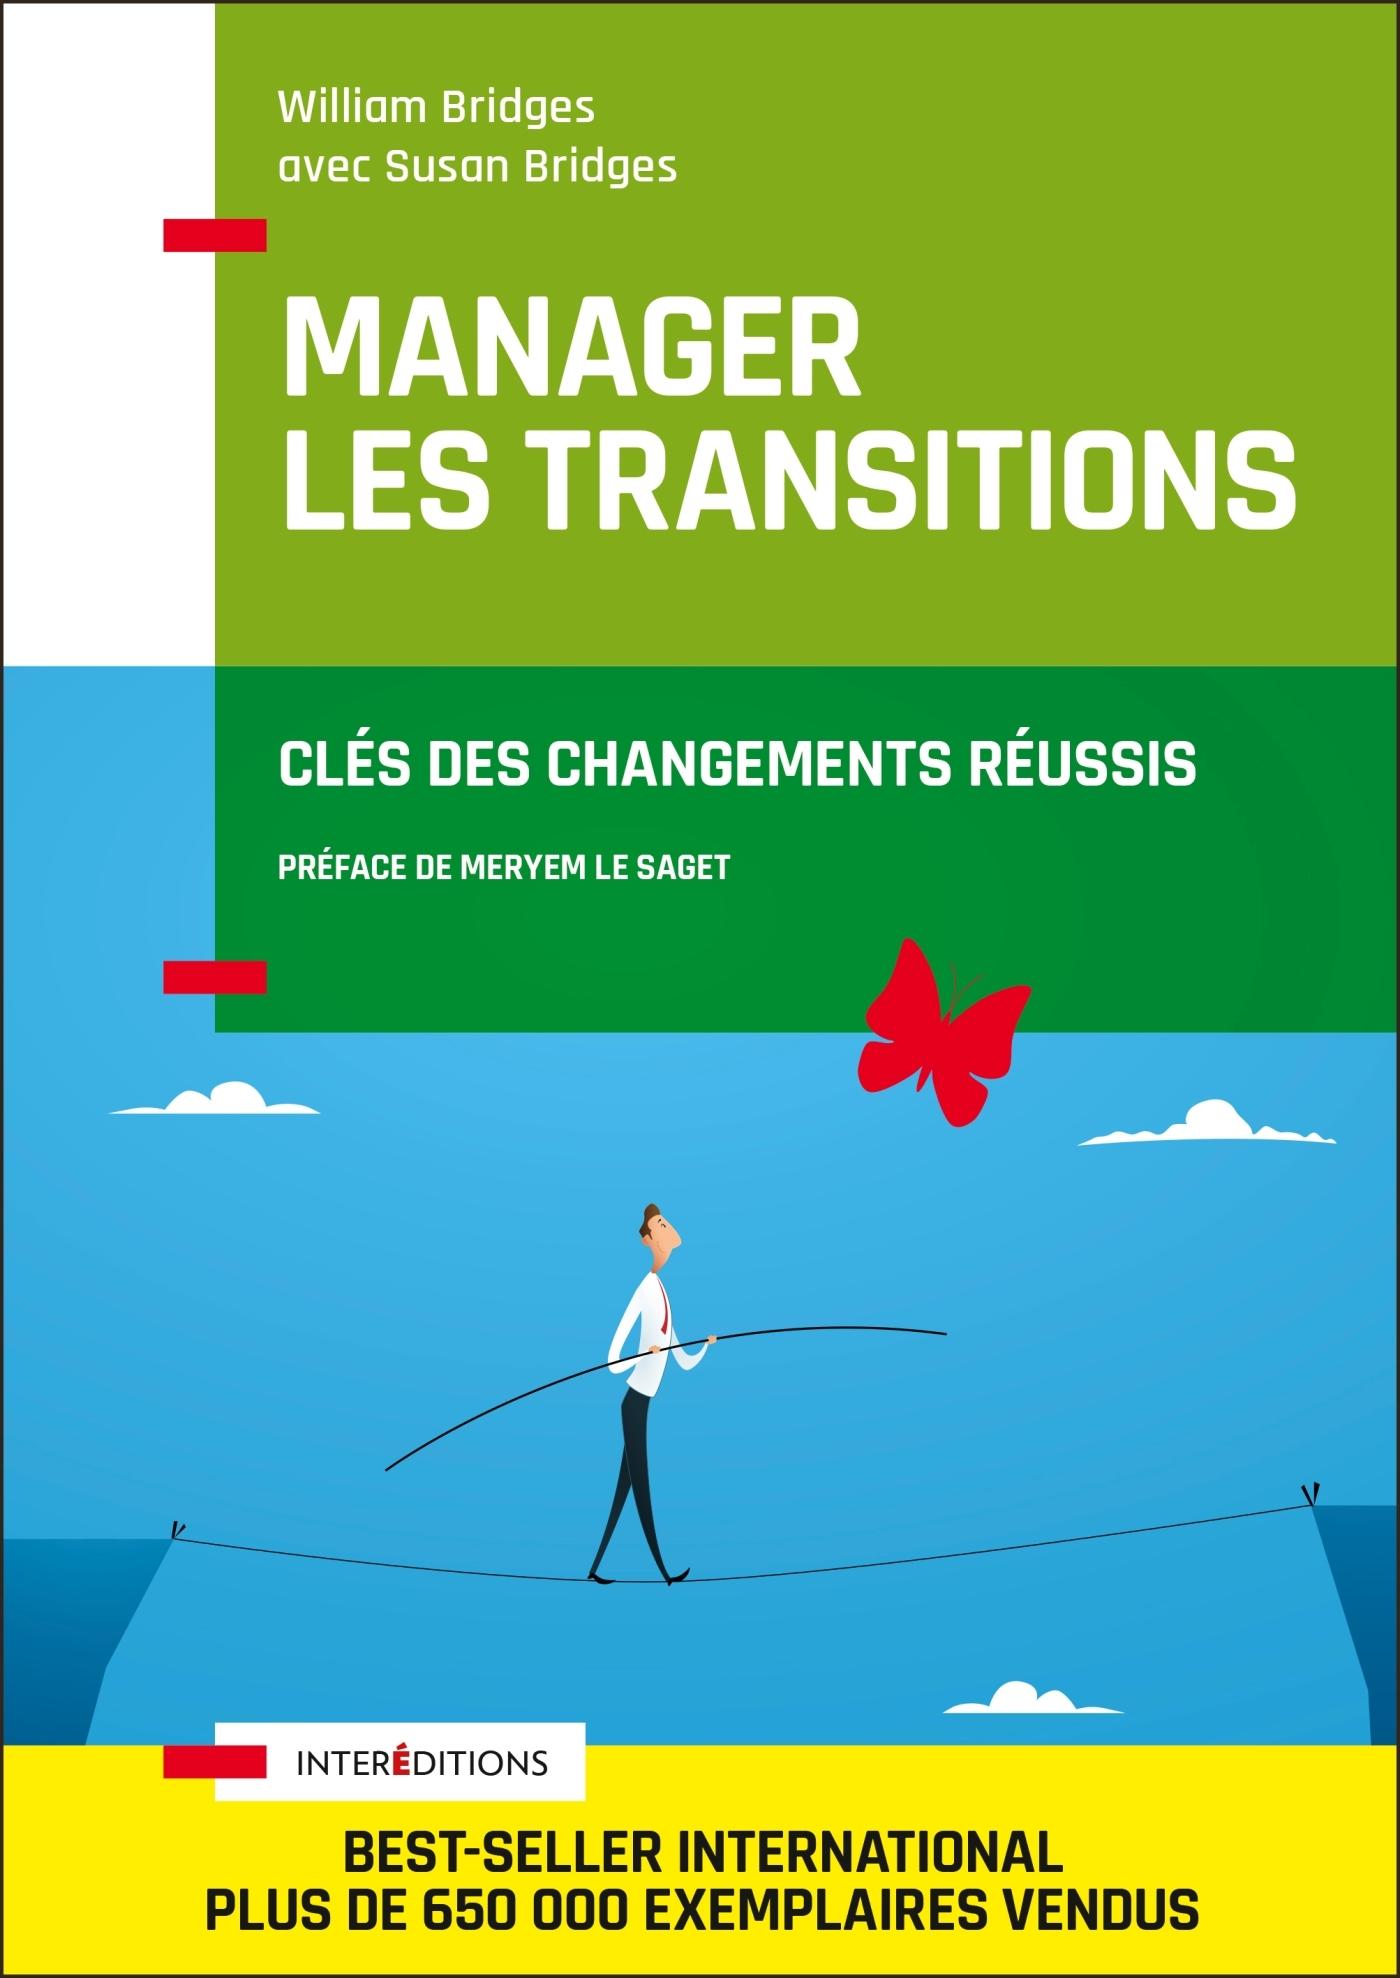 MANAGER LES TRANSITIONS - CLES DES CHANGEMENTS REUSSIS